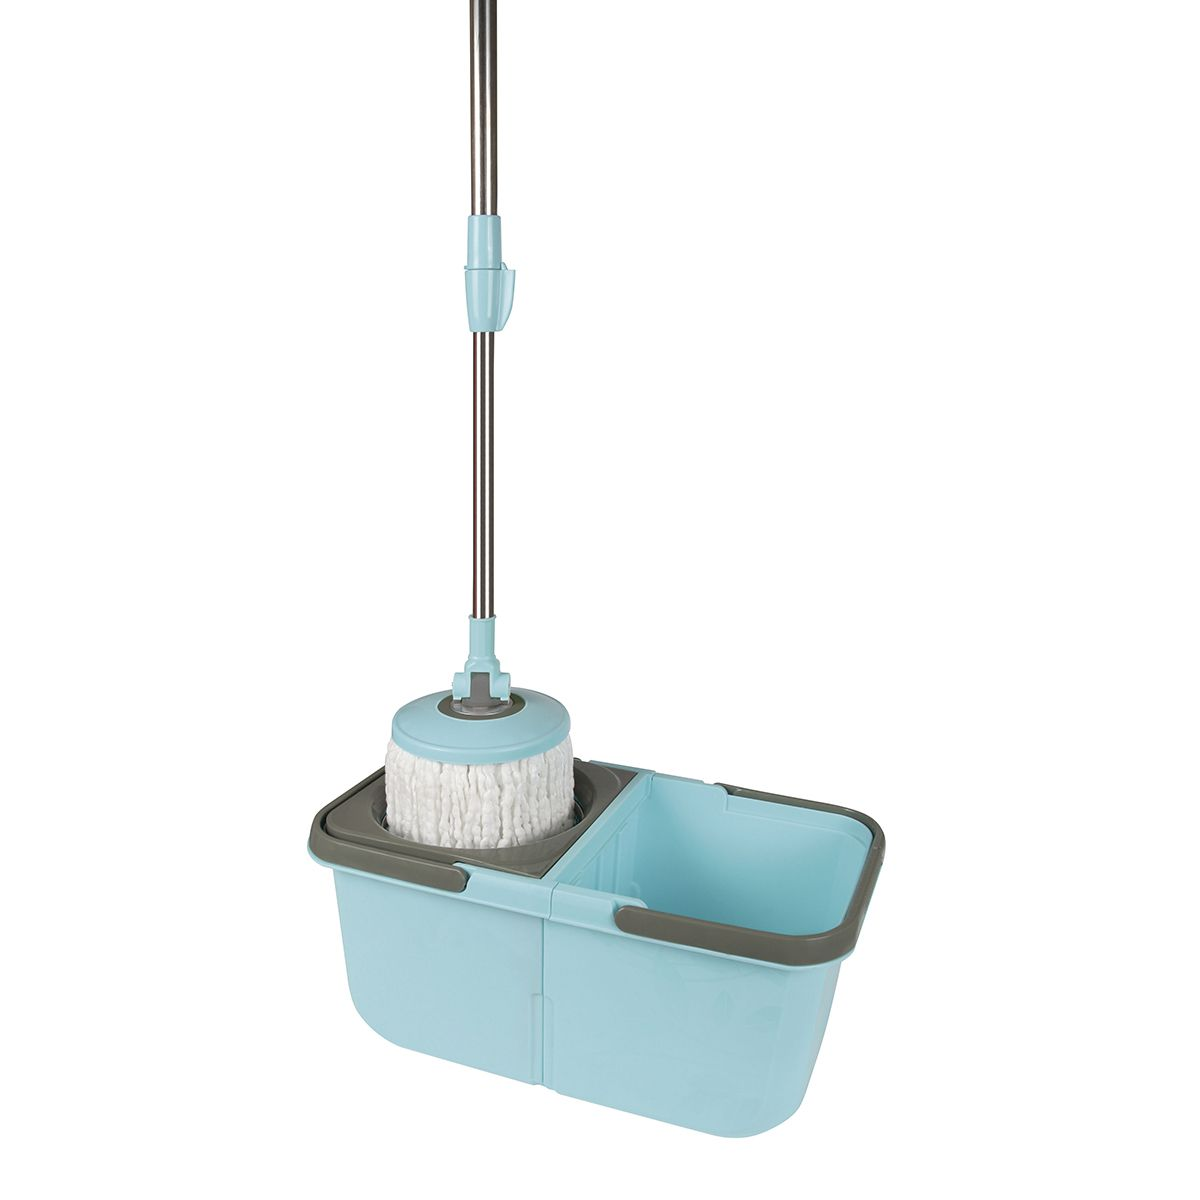 Esfregão Mop Premium Limpeza Prática 8,5L Ref.8297 Mor